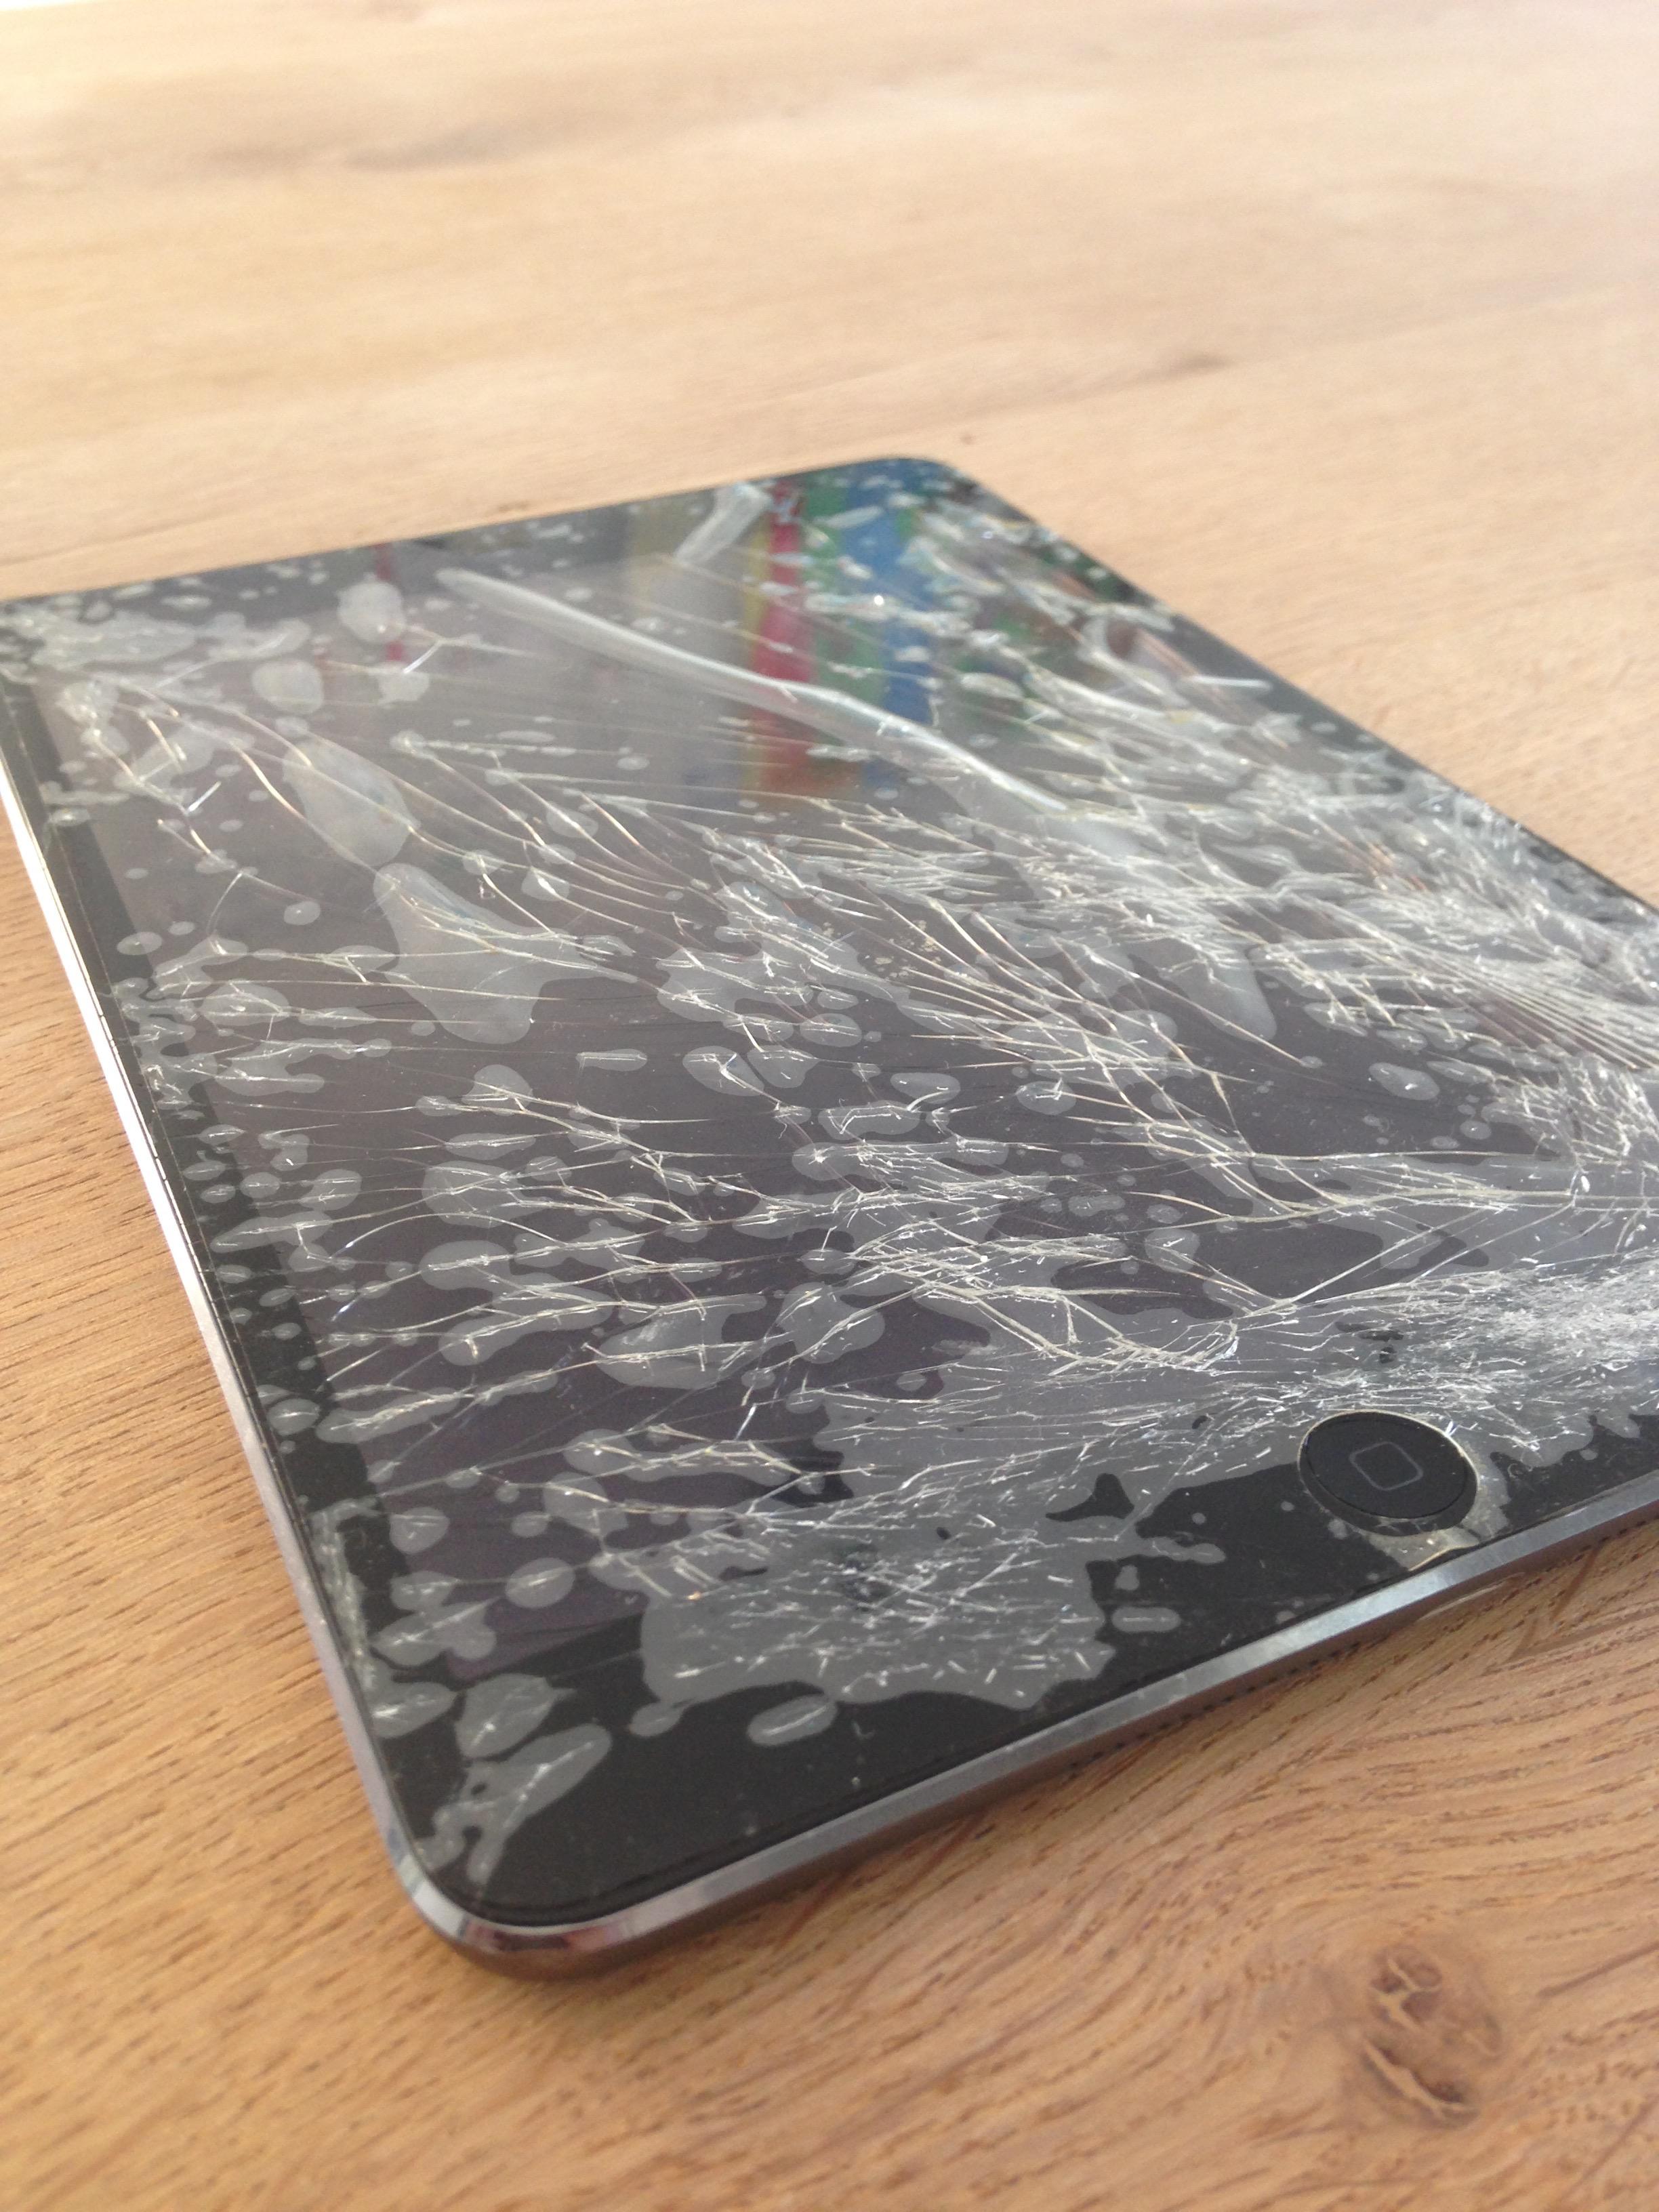 Fix iPad Screen in Dubai